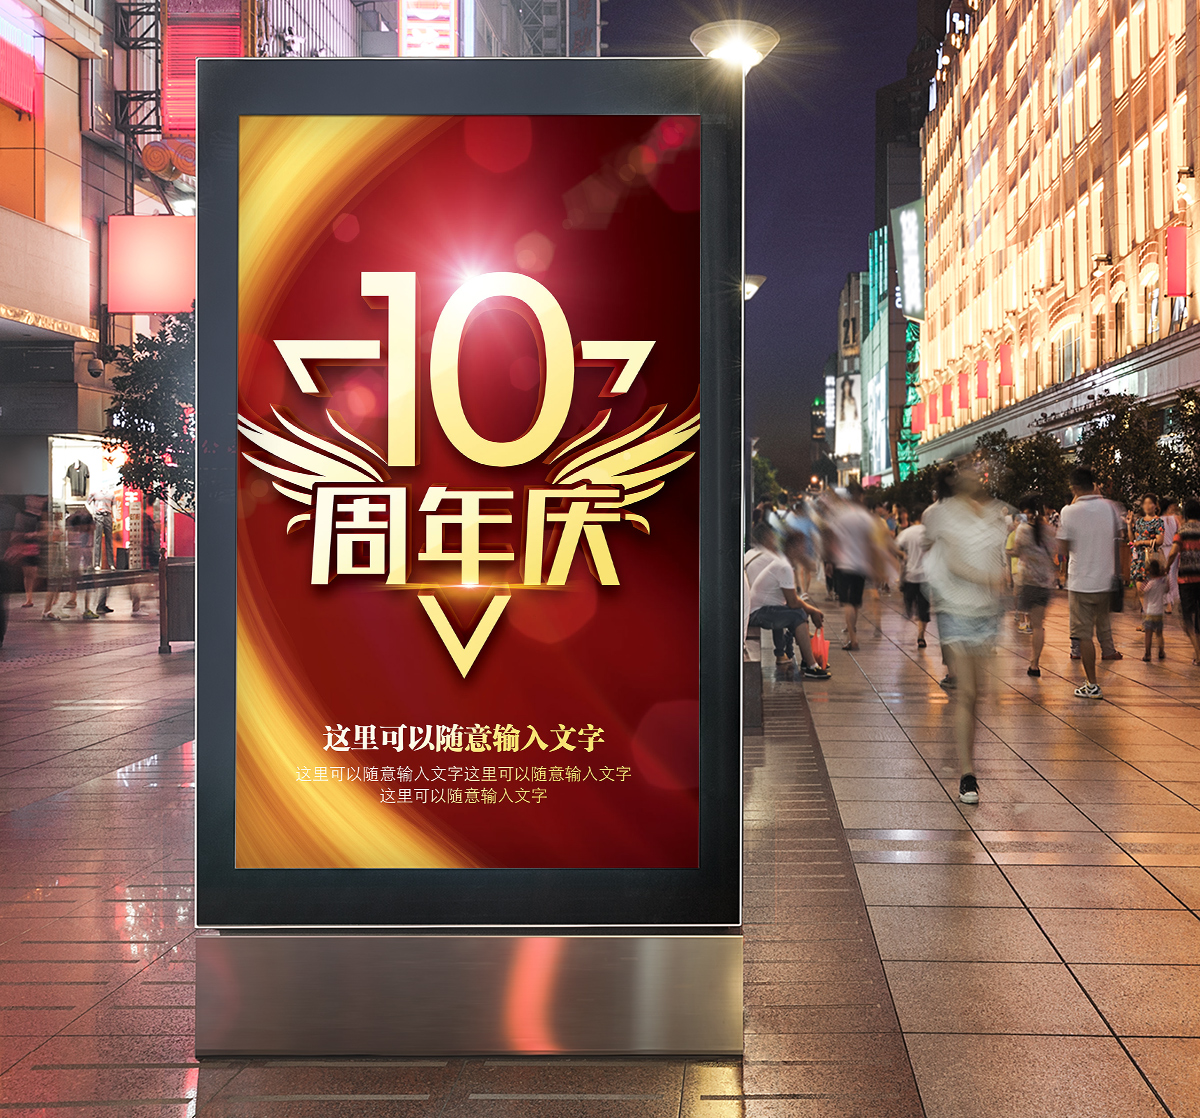 10周年店庆 PSD模板源文件下载